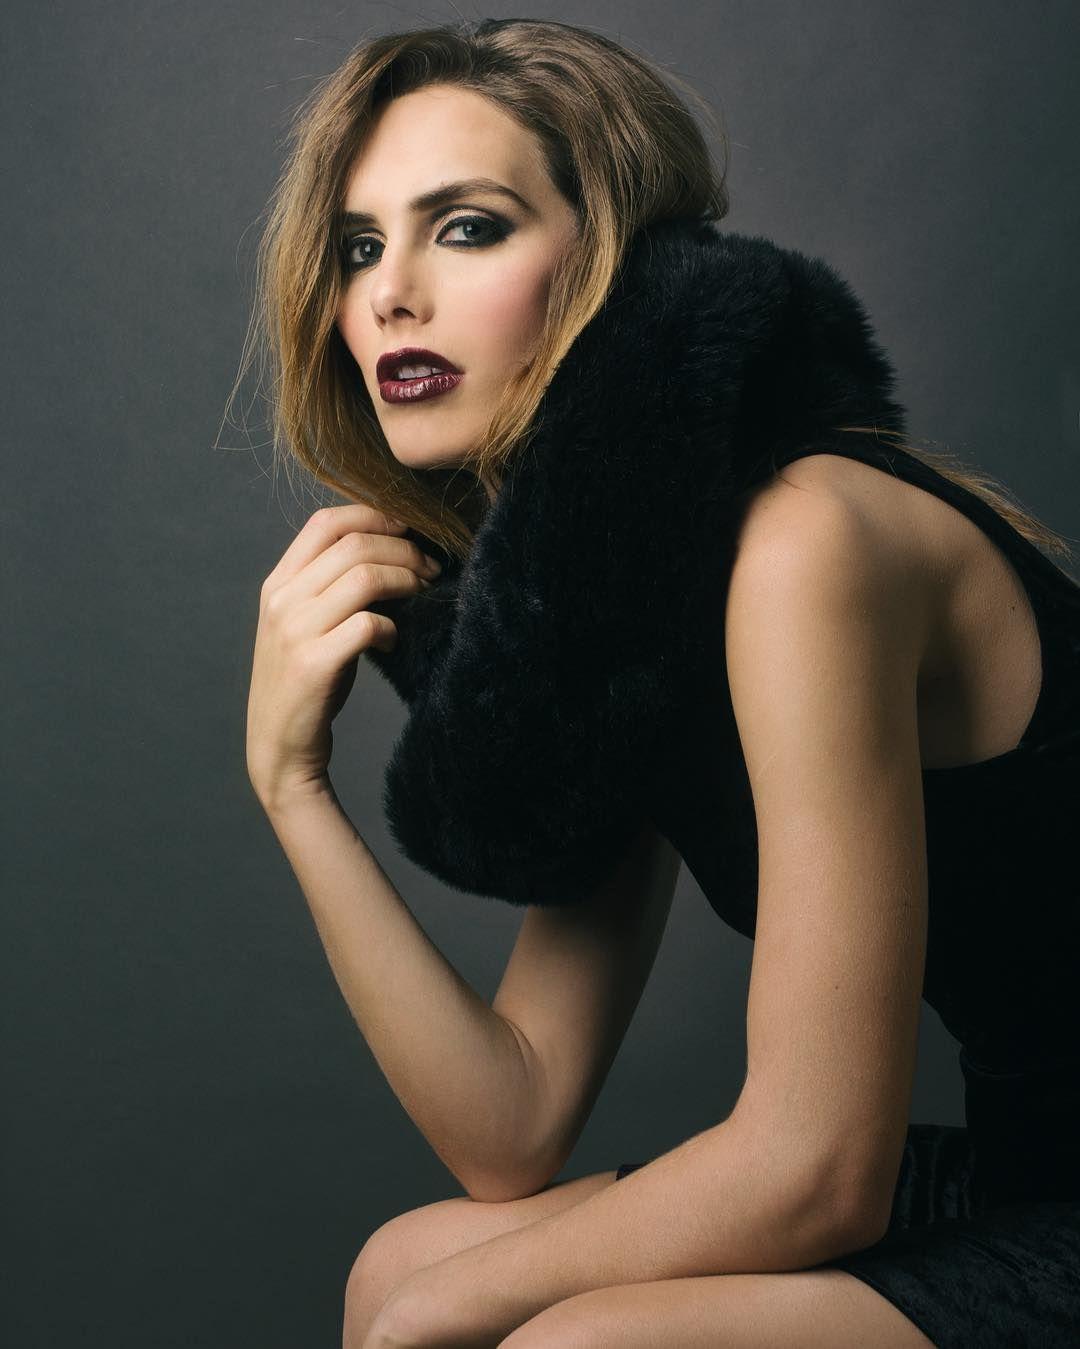 ملكة جمال اسبانيا المتحولة جنسيا (2)